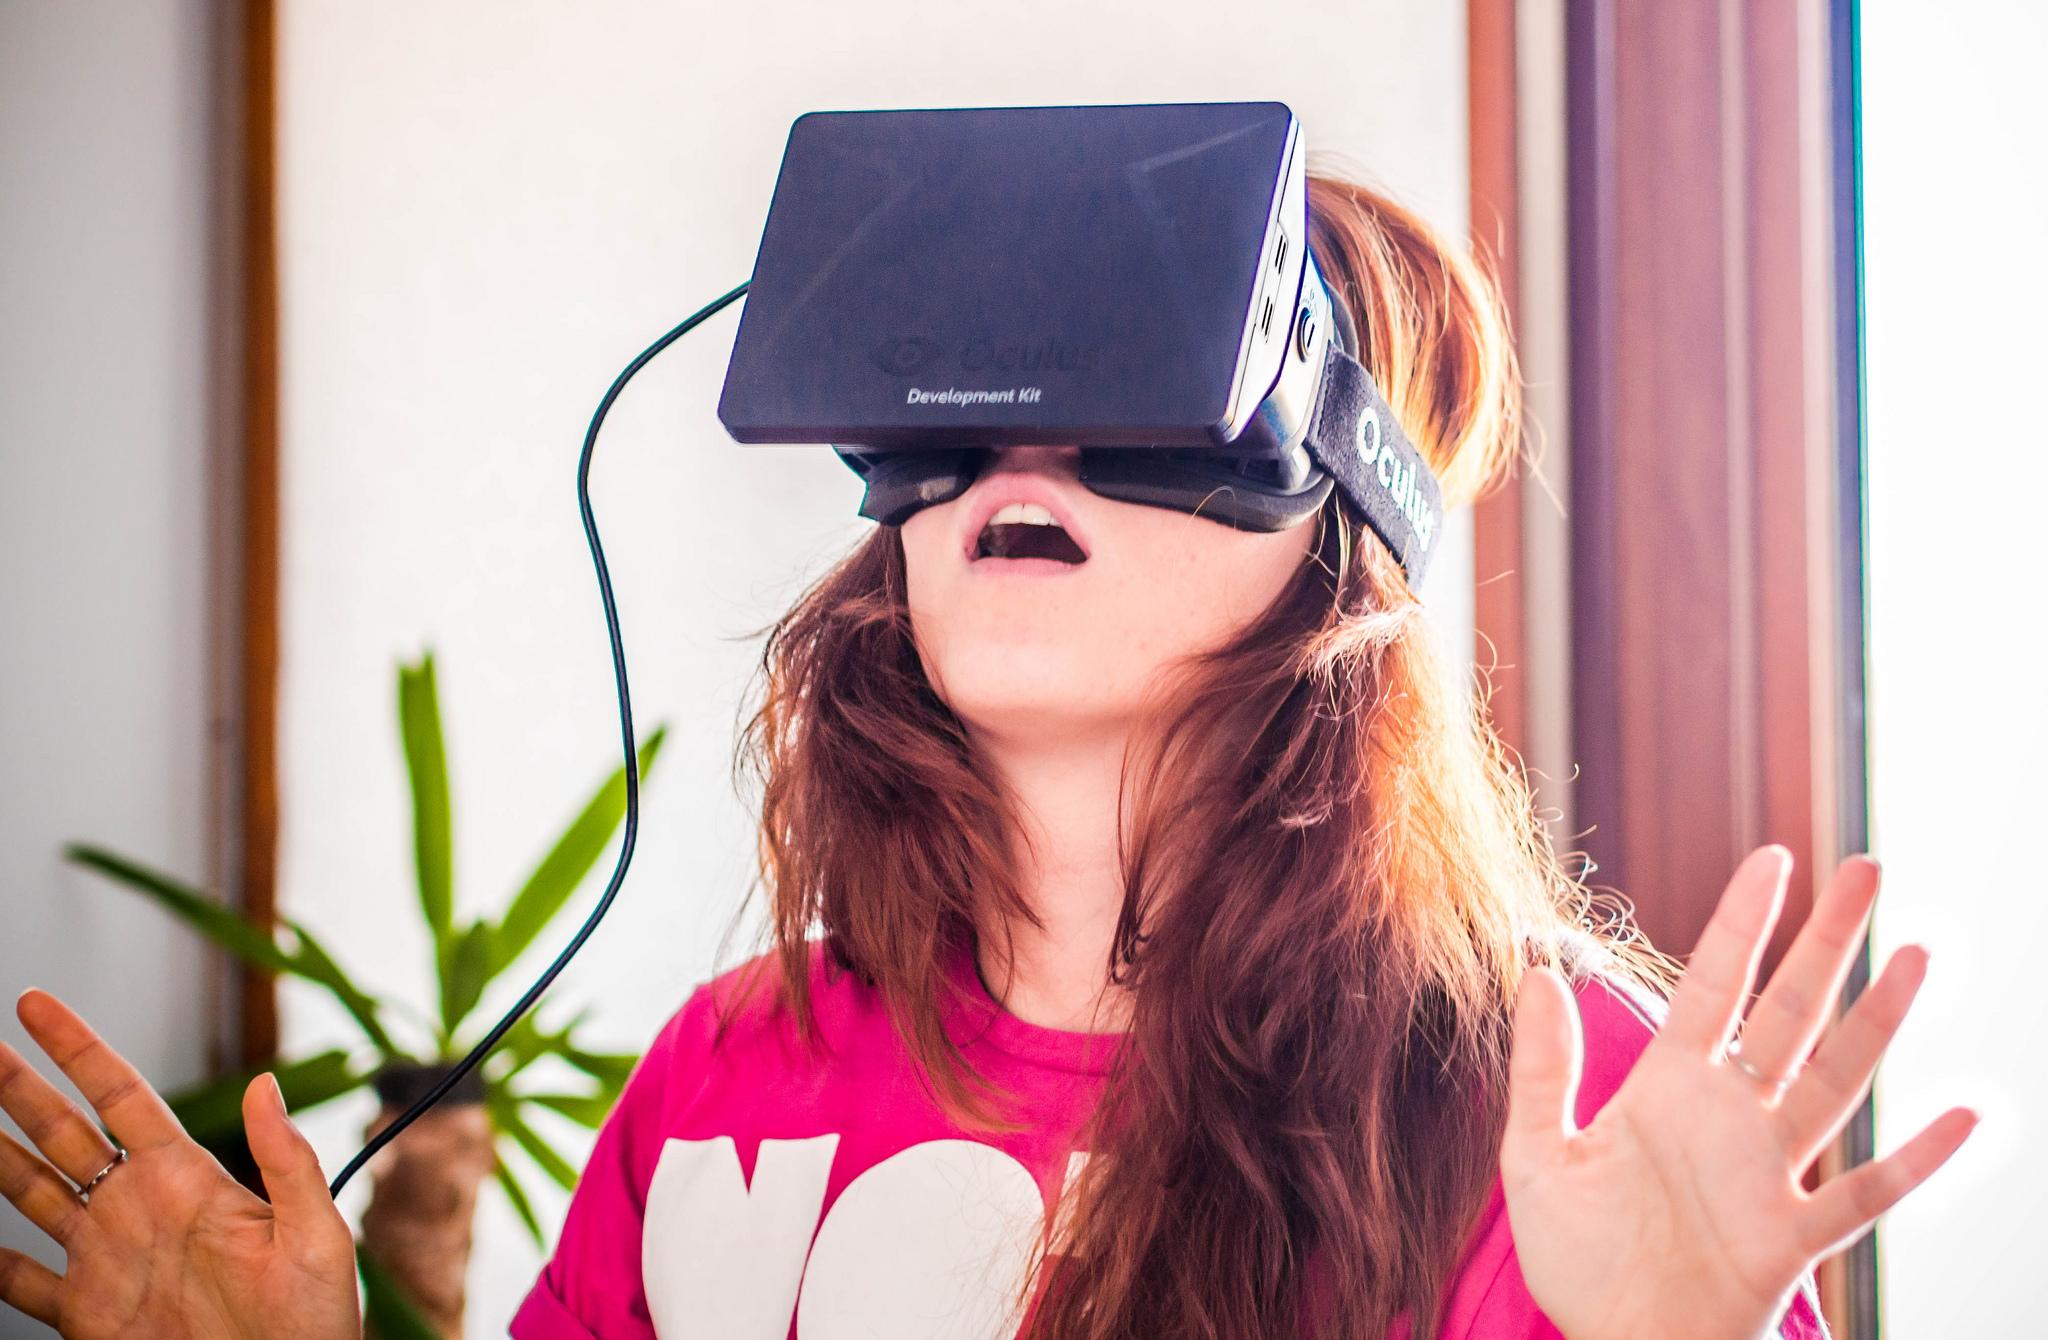 Un repaso a la realidad virtual Playstation VR y Oculus Rift 2